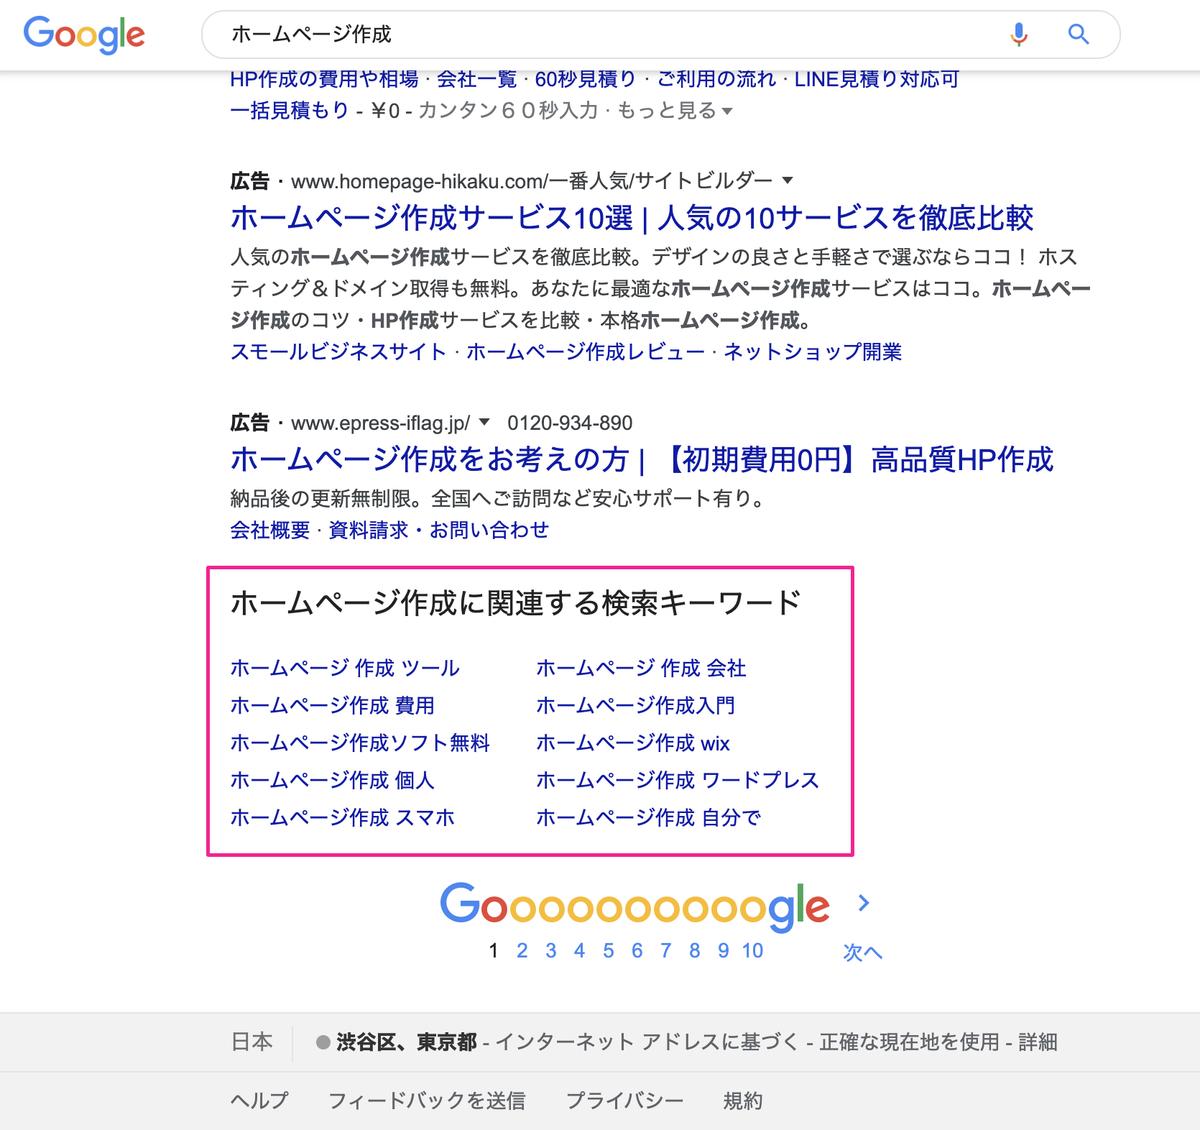 関連検索ワード